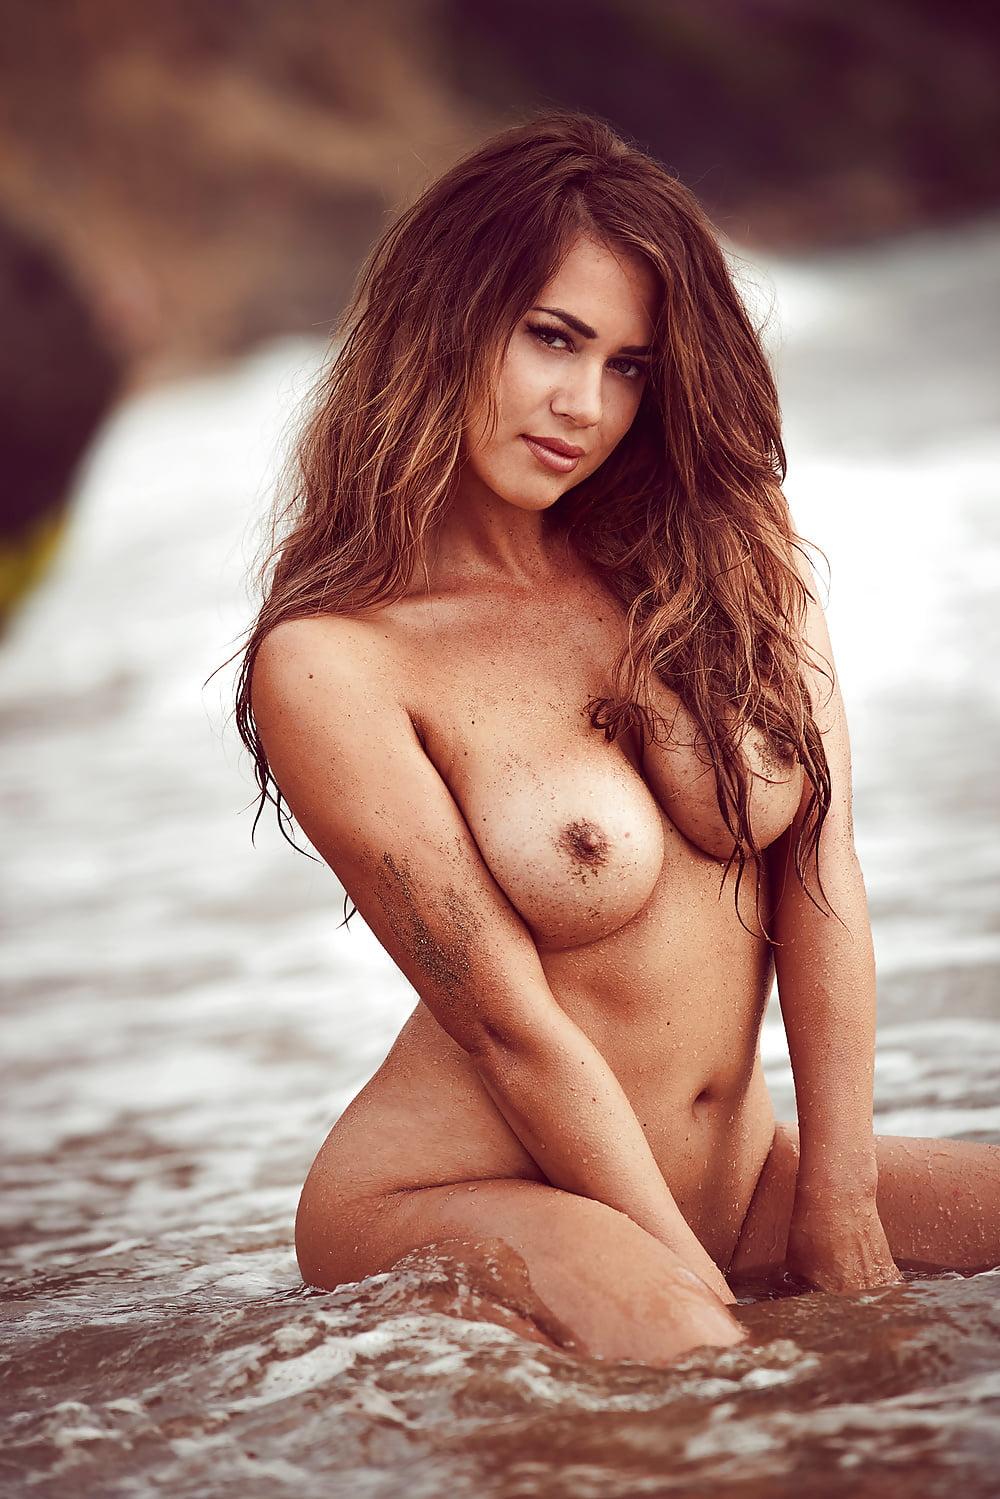 Paszka porno jessica Jessica Paszka